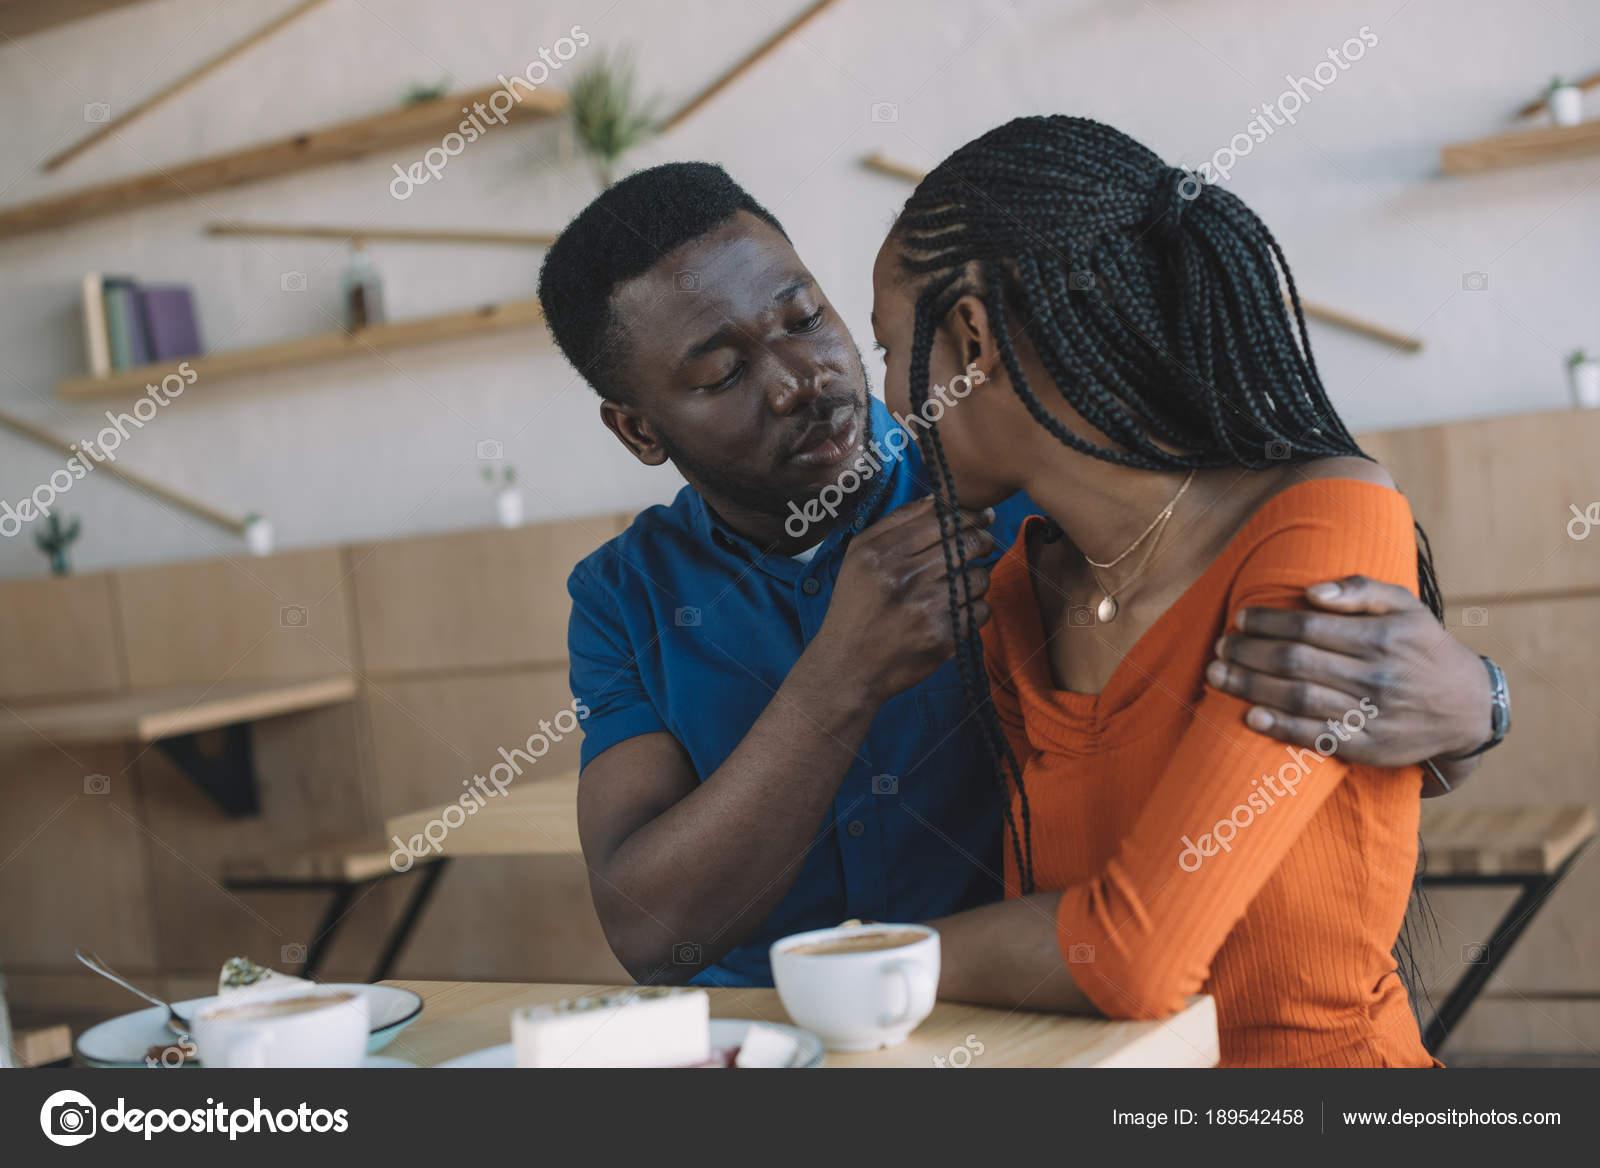 randki afrykańskiego mężczyzny guru randek zbanowany w Australii